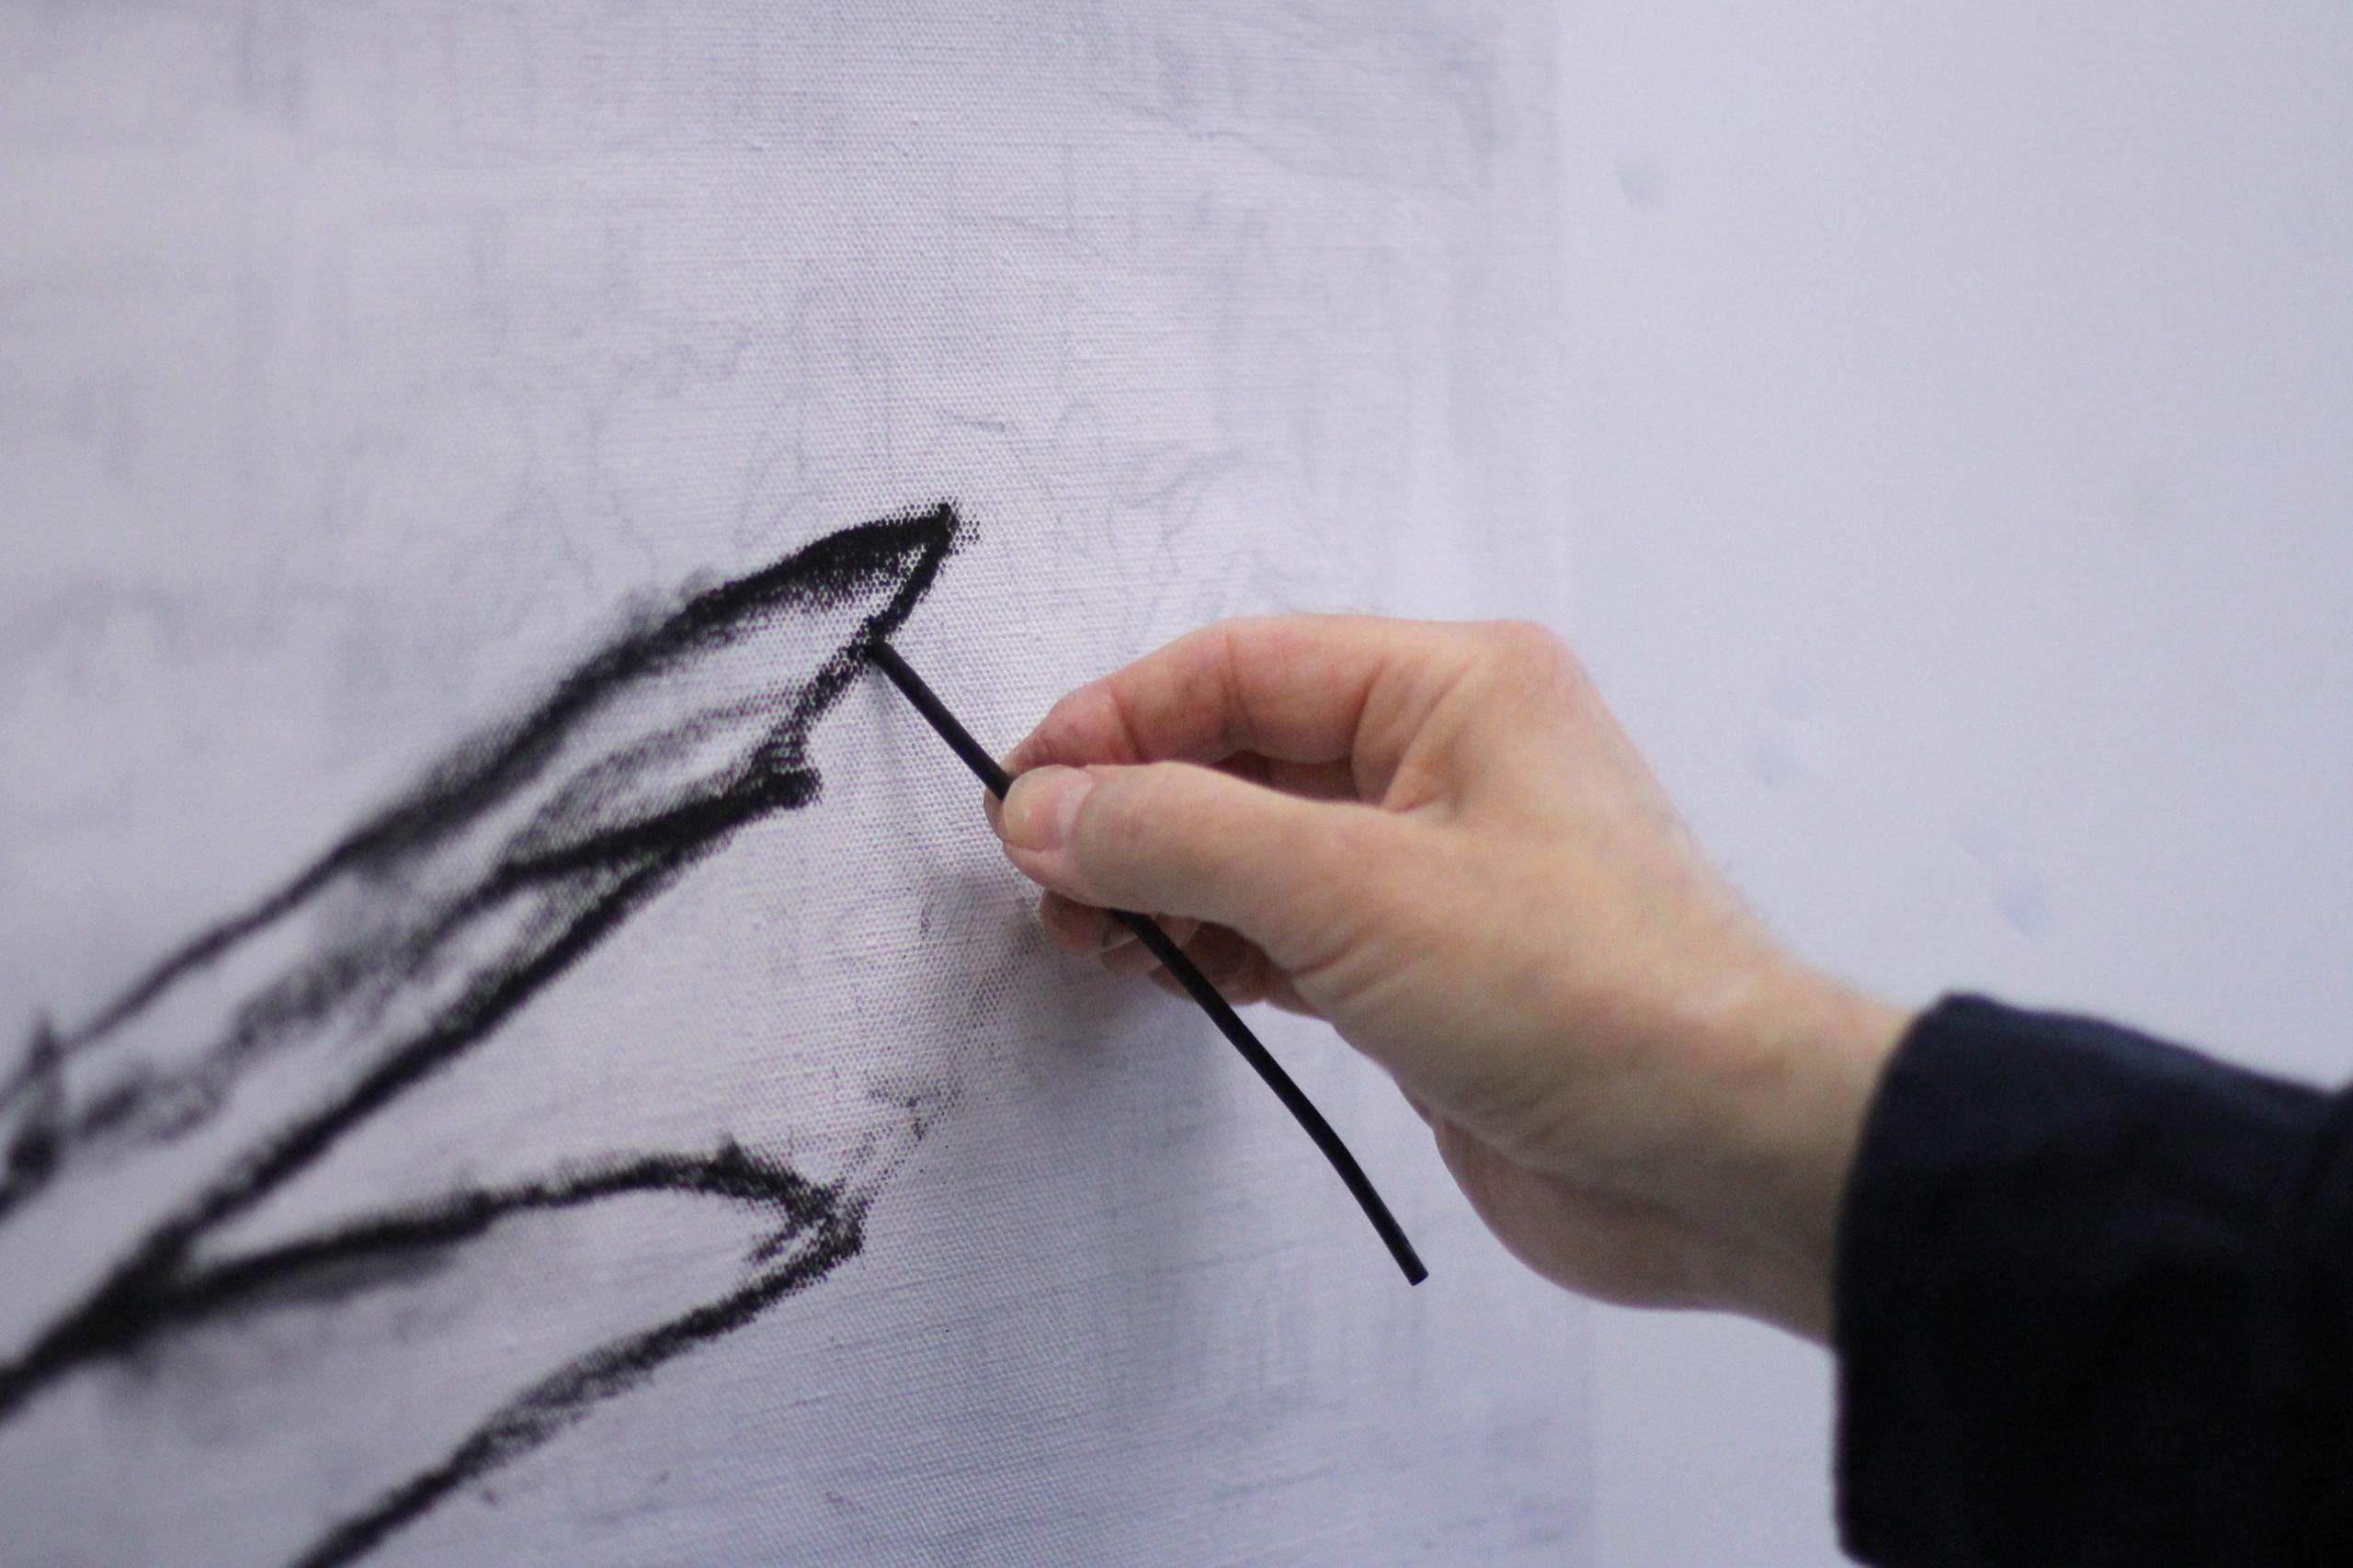 Kuvassa näkyy taiteilijan käsi, joka pitelee hiiltä. Hiilellä piirretään viivaa valkoiselle kankaalle.